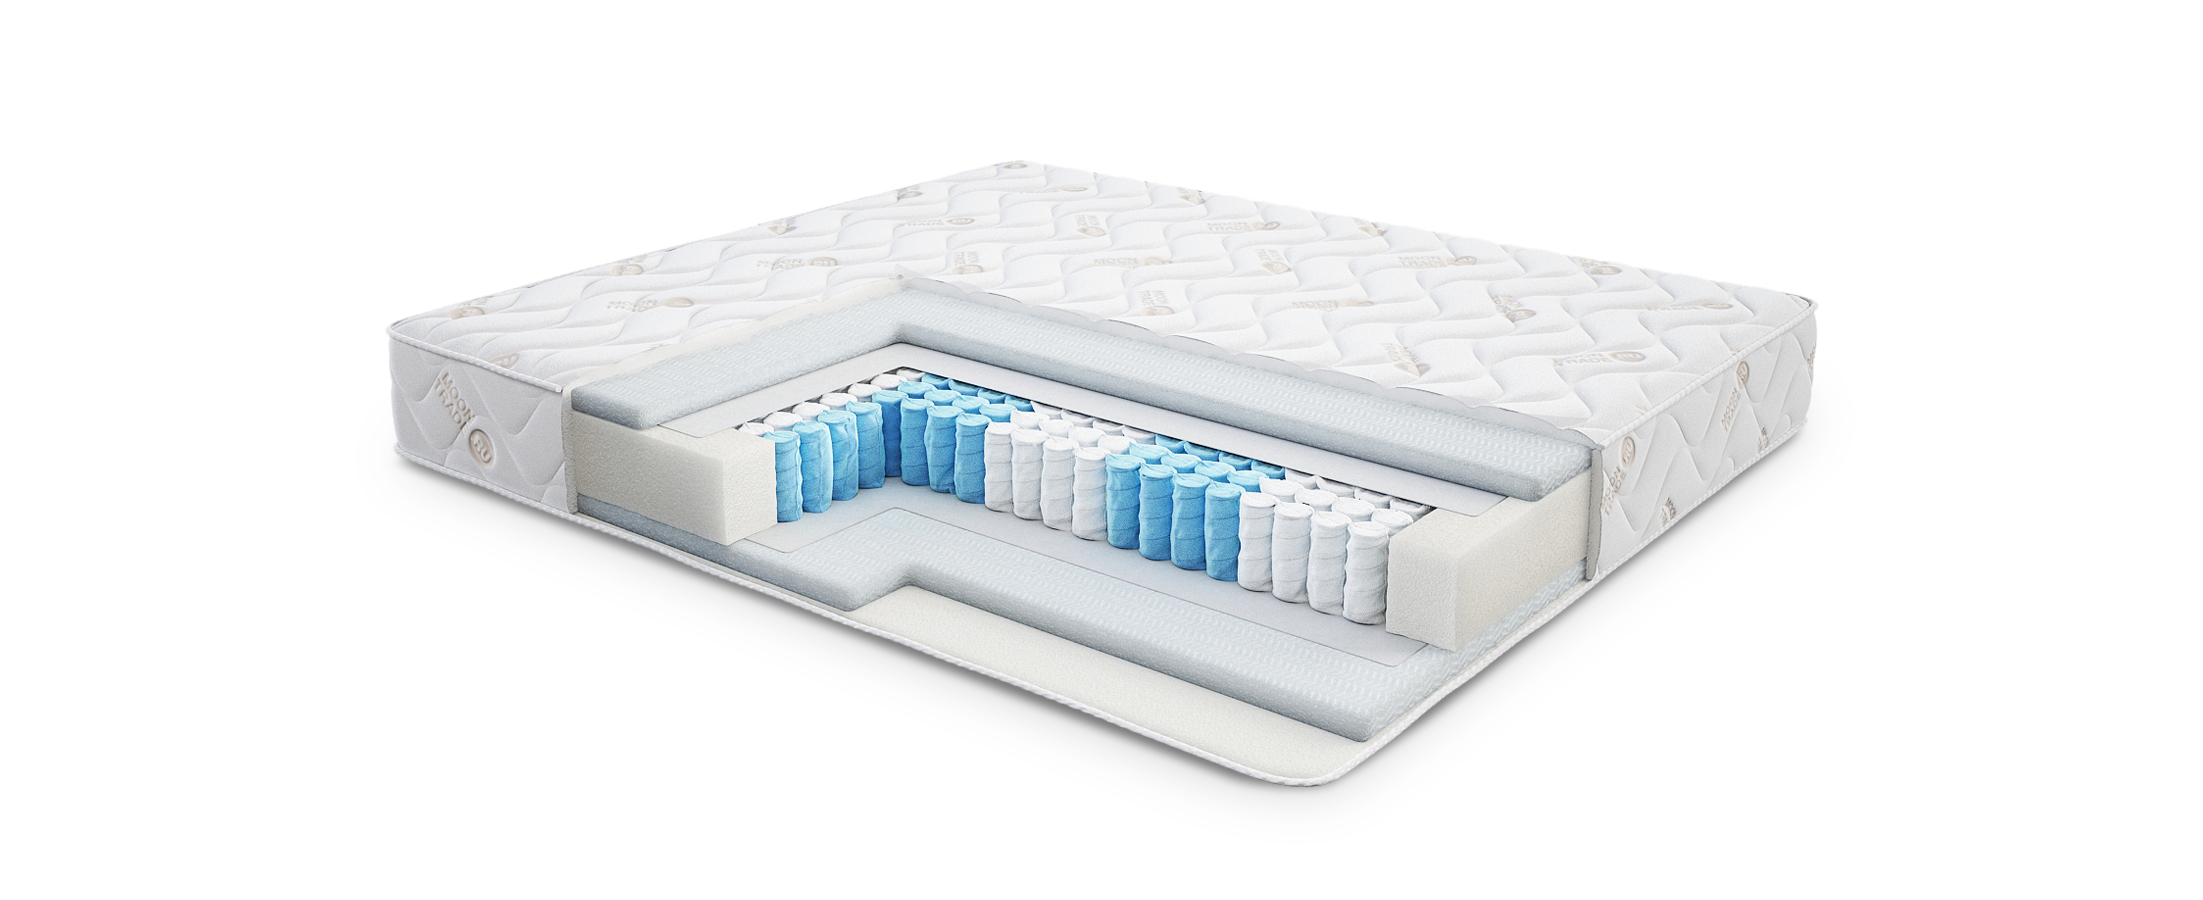 Comfort Magic 405 матрас 120x200Жёсткий матрас с ортопедическим эффектом. Наполнитель гипоаллергенный материал OpenForm. Размеры 120x200 см. Купить в интернет-магазине MOON TRADE.